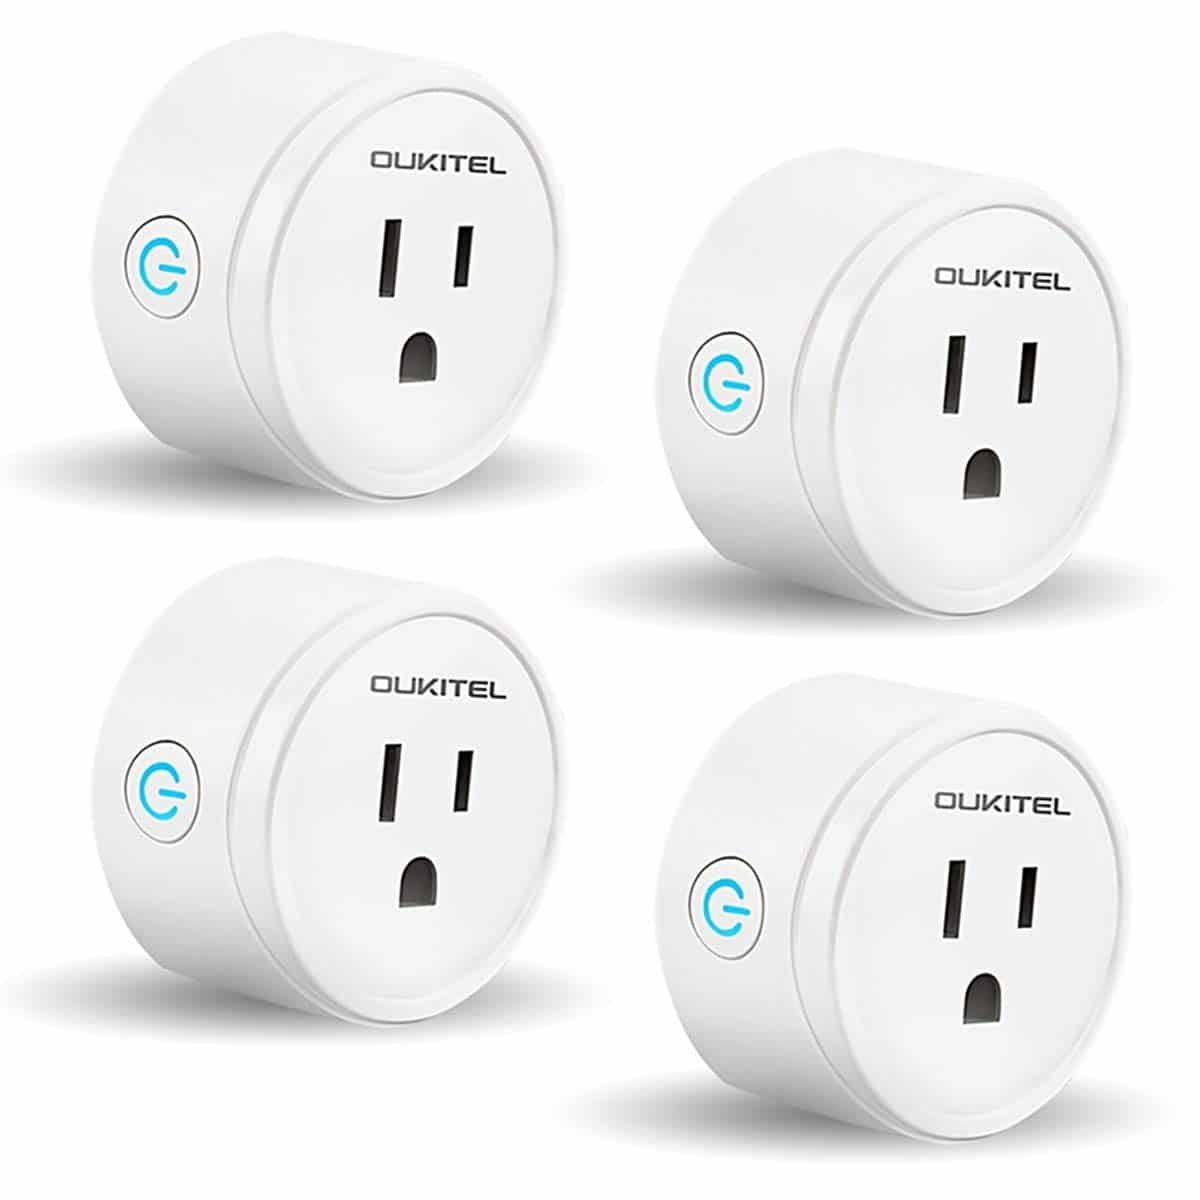 OUKITEL Smart Plug